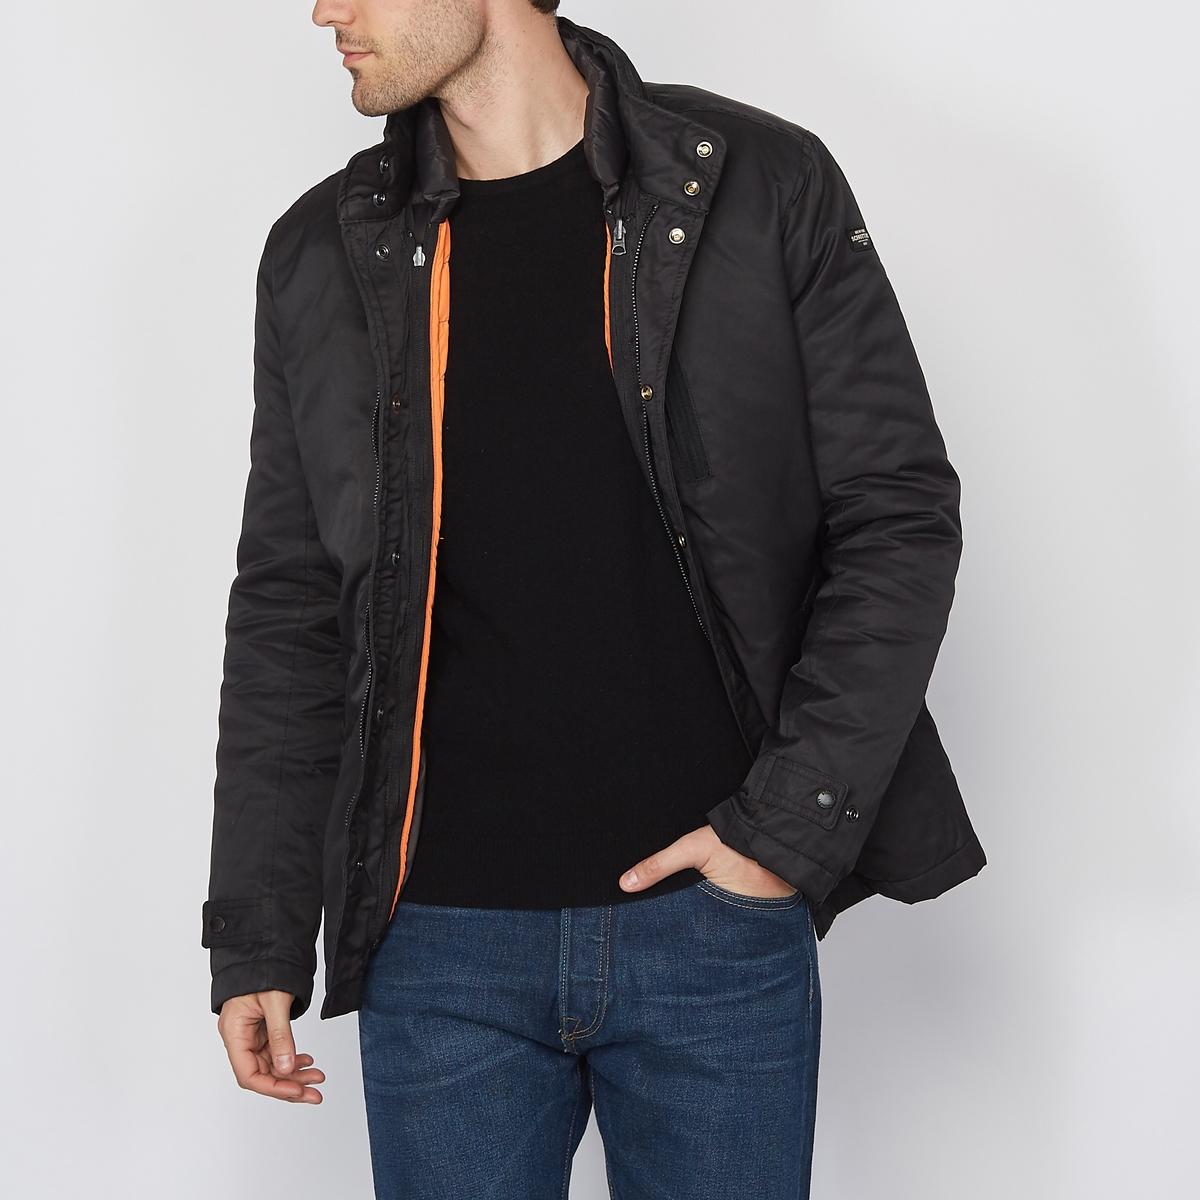 Парка стеганая с эффектом 2 в 1 с капюшономСъемная стеганая подкладка на молнии : 2 стиля в 1 для зимней куртки из ткани черного цвета с контрастной отделкой оранжевого цвета.   Прямой покрой и высокий воротник с застежкой на 2 кнопки    Застежка на молнию и кнопки    Вшитый в воротник капюшон с застежкой на молнию    2 боковых кармана на молнии    Планка застежки на кнопки по низу рукавов    Логотип марки на рукавах<br><br>Цвет: черный<br>Размер: 3XL